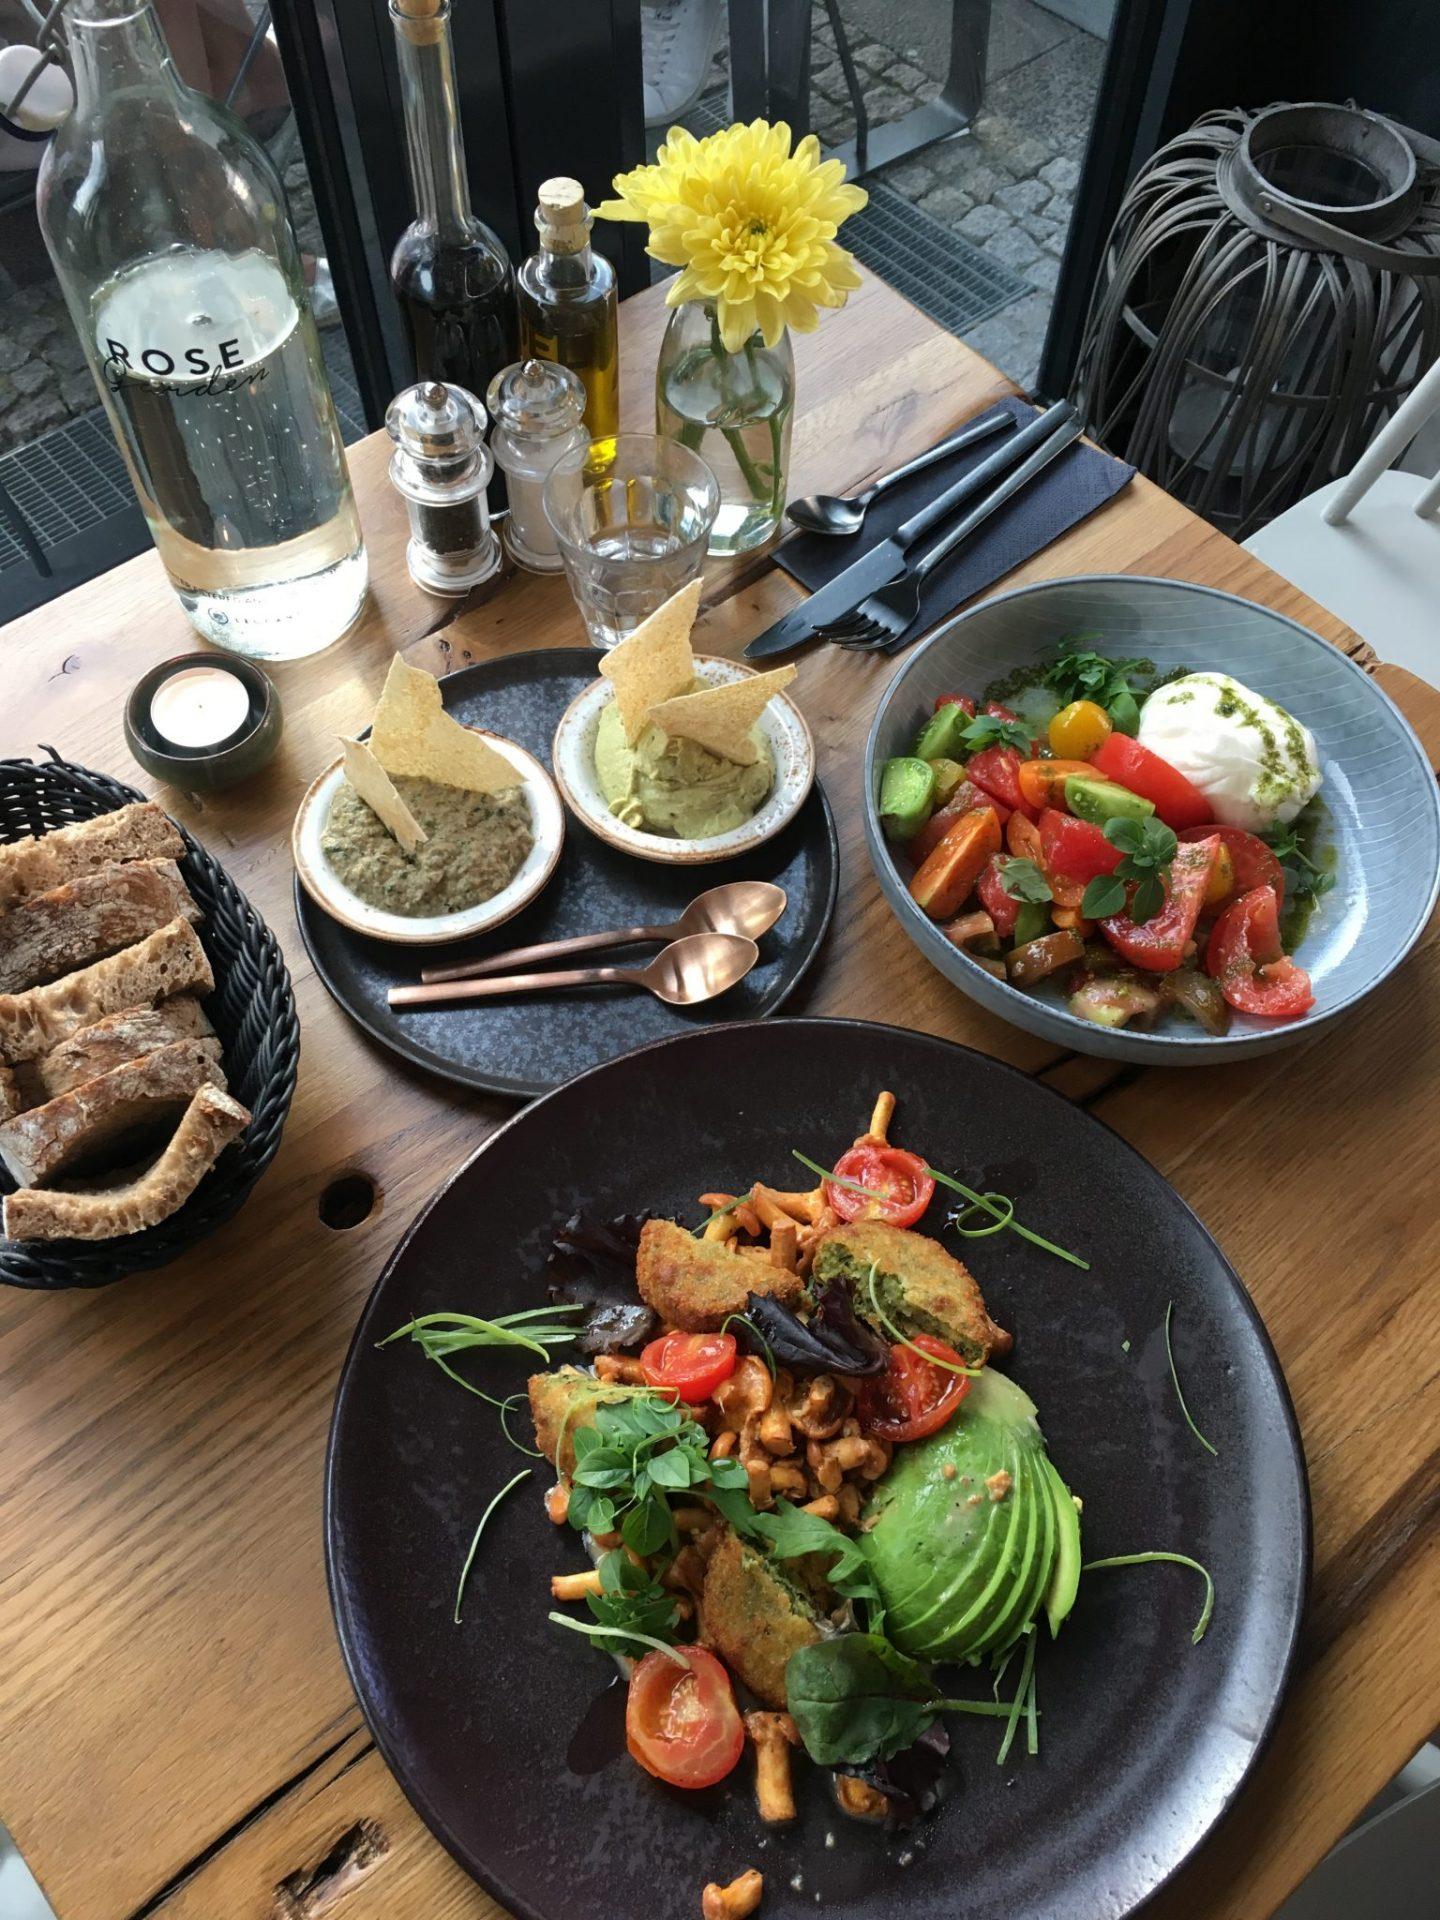 Restaurant Tipp Berlin rose Garden gesund vegan Empfehlung